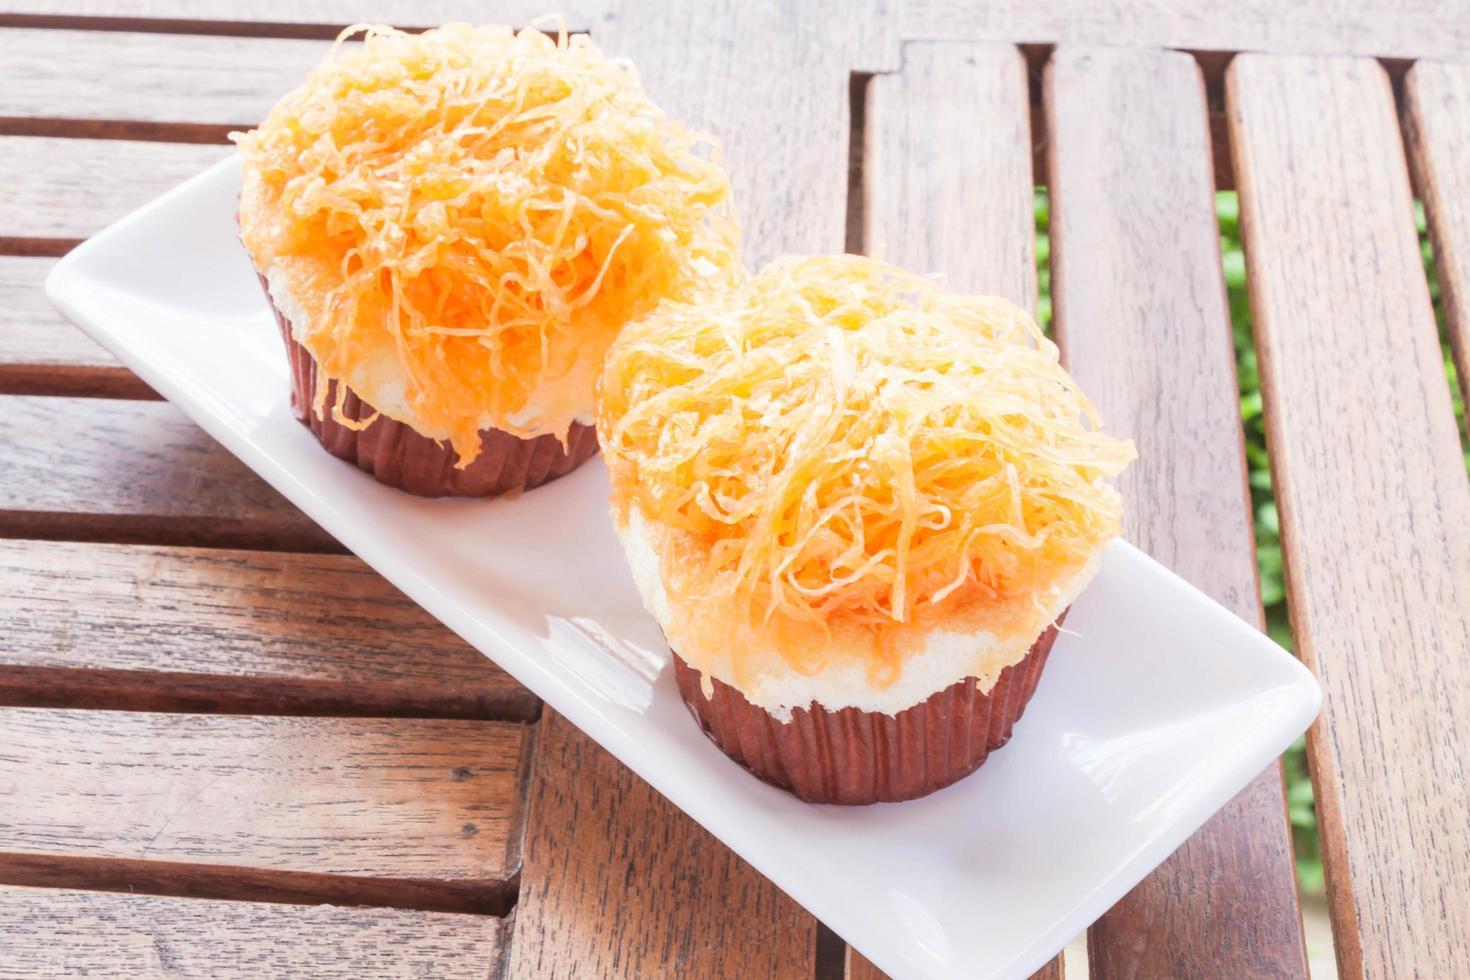 deux petits gâteaux sur une table photo